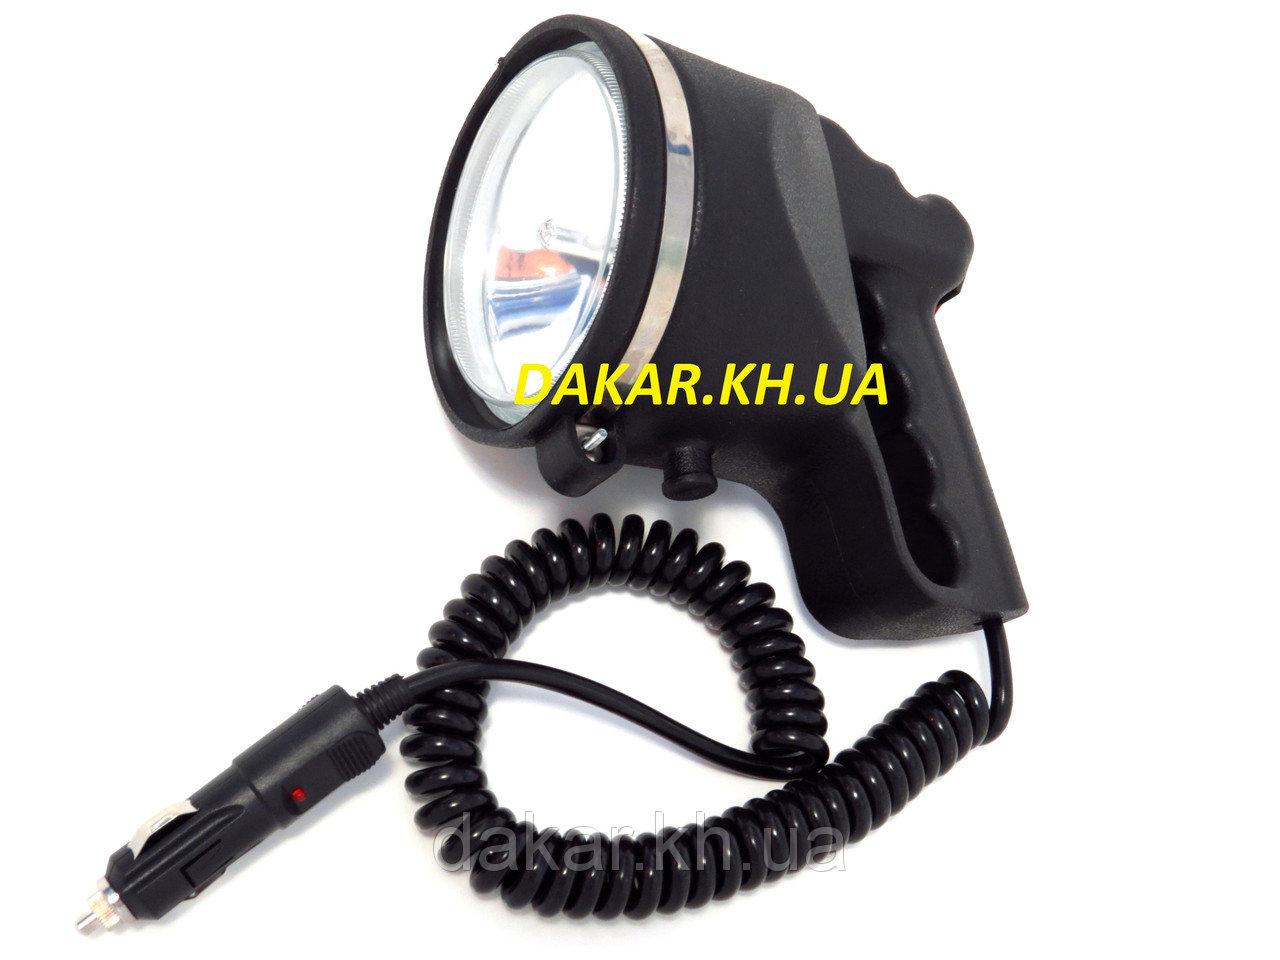 Прожектор ксеноновый ручной СН 005  55Вт влагозащищённый